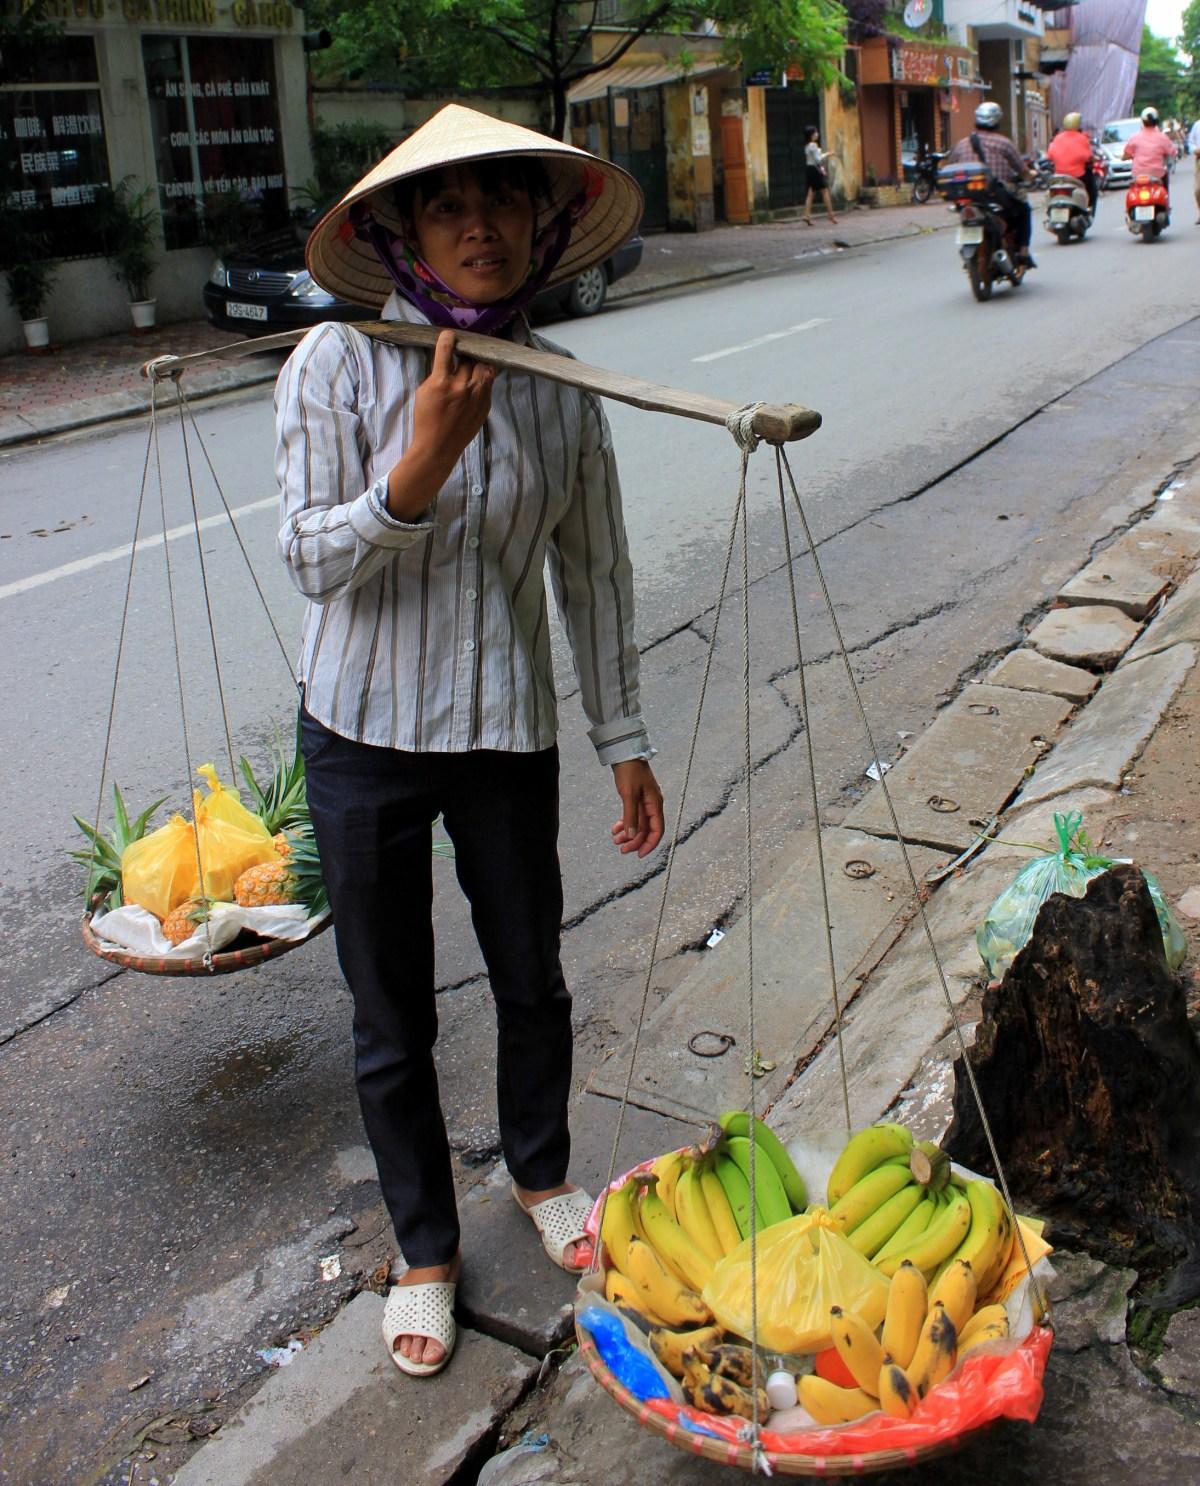 Old Quarter in Hanoi is very photogenic